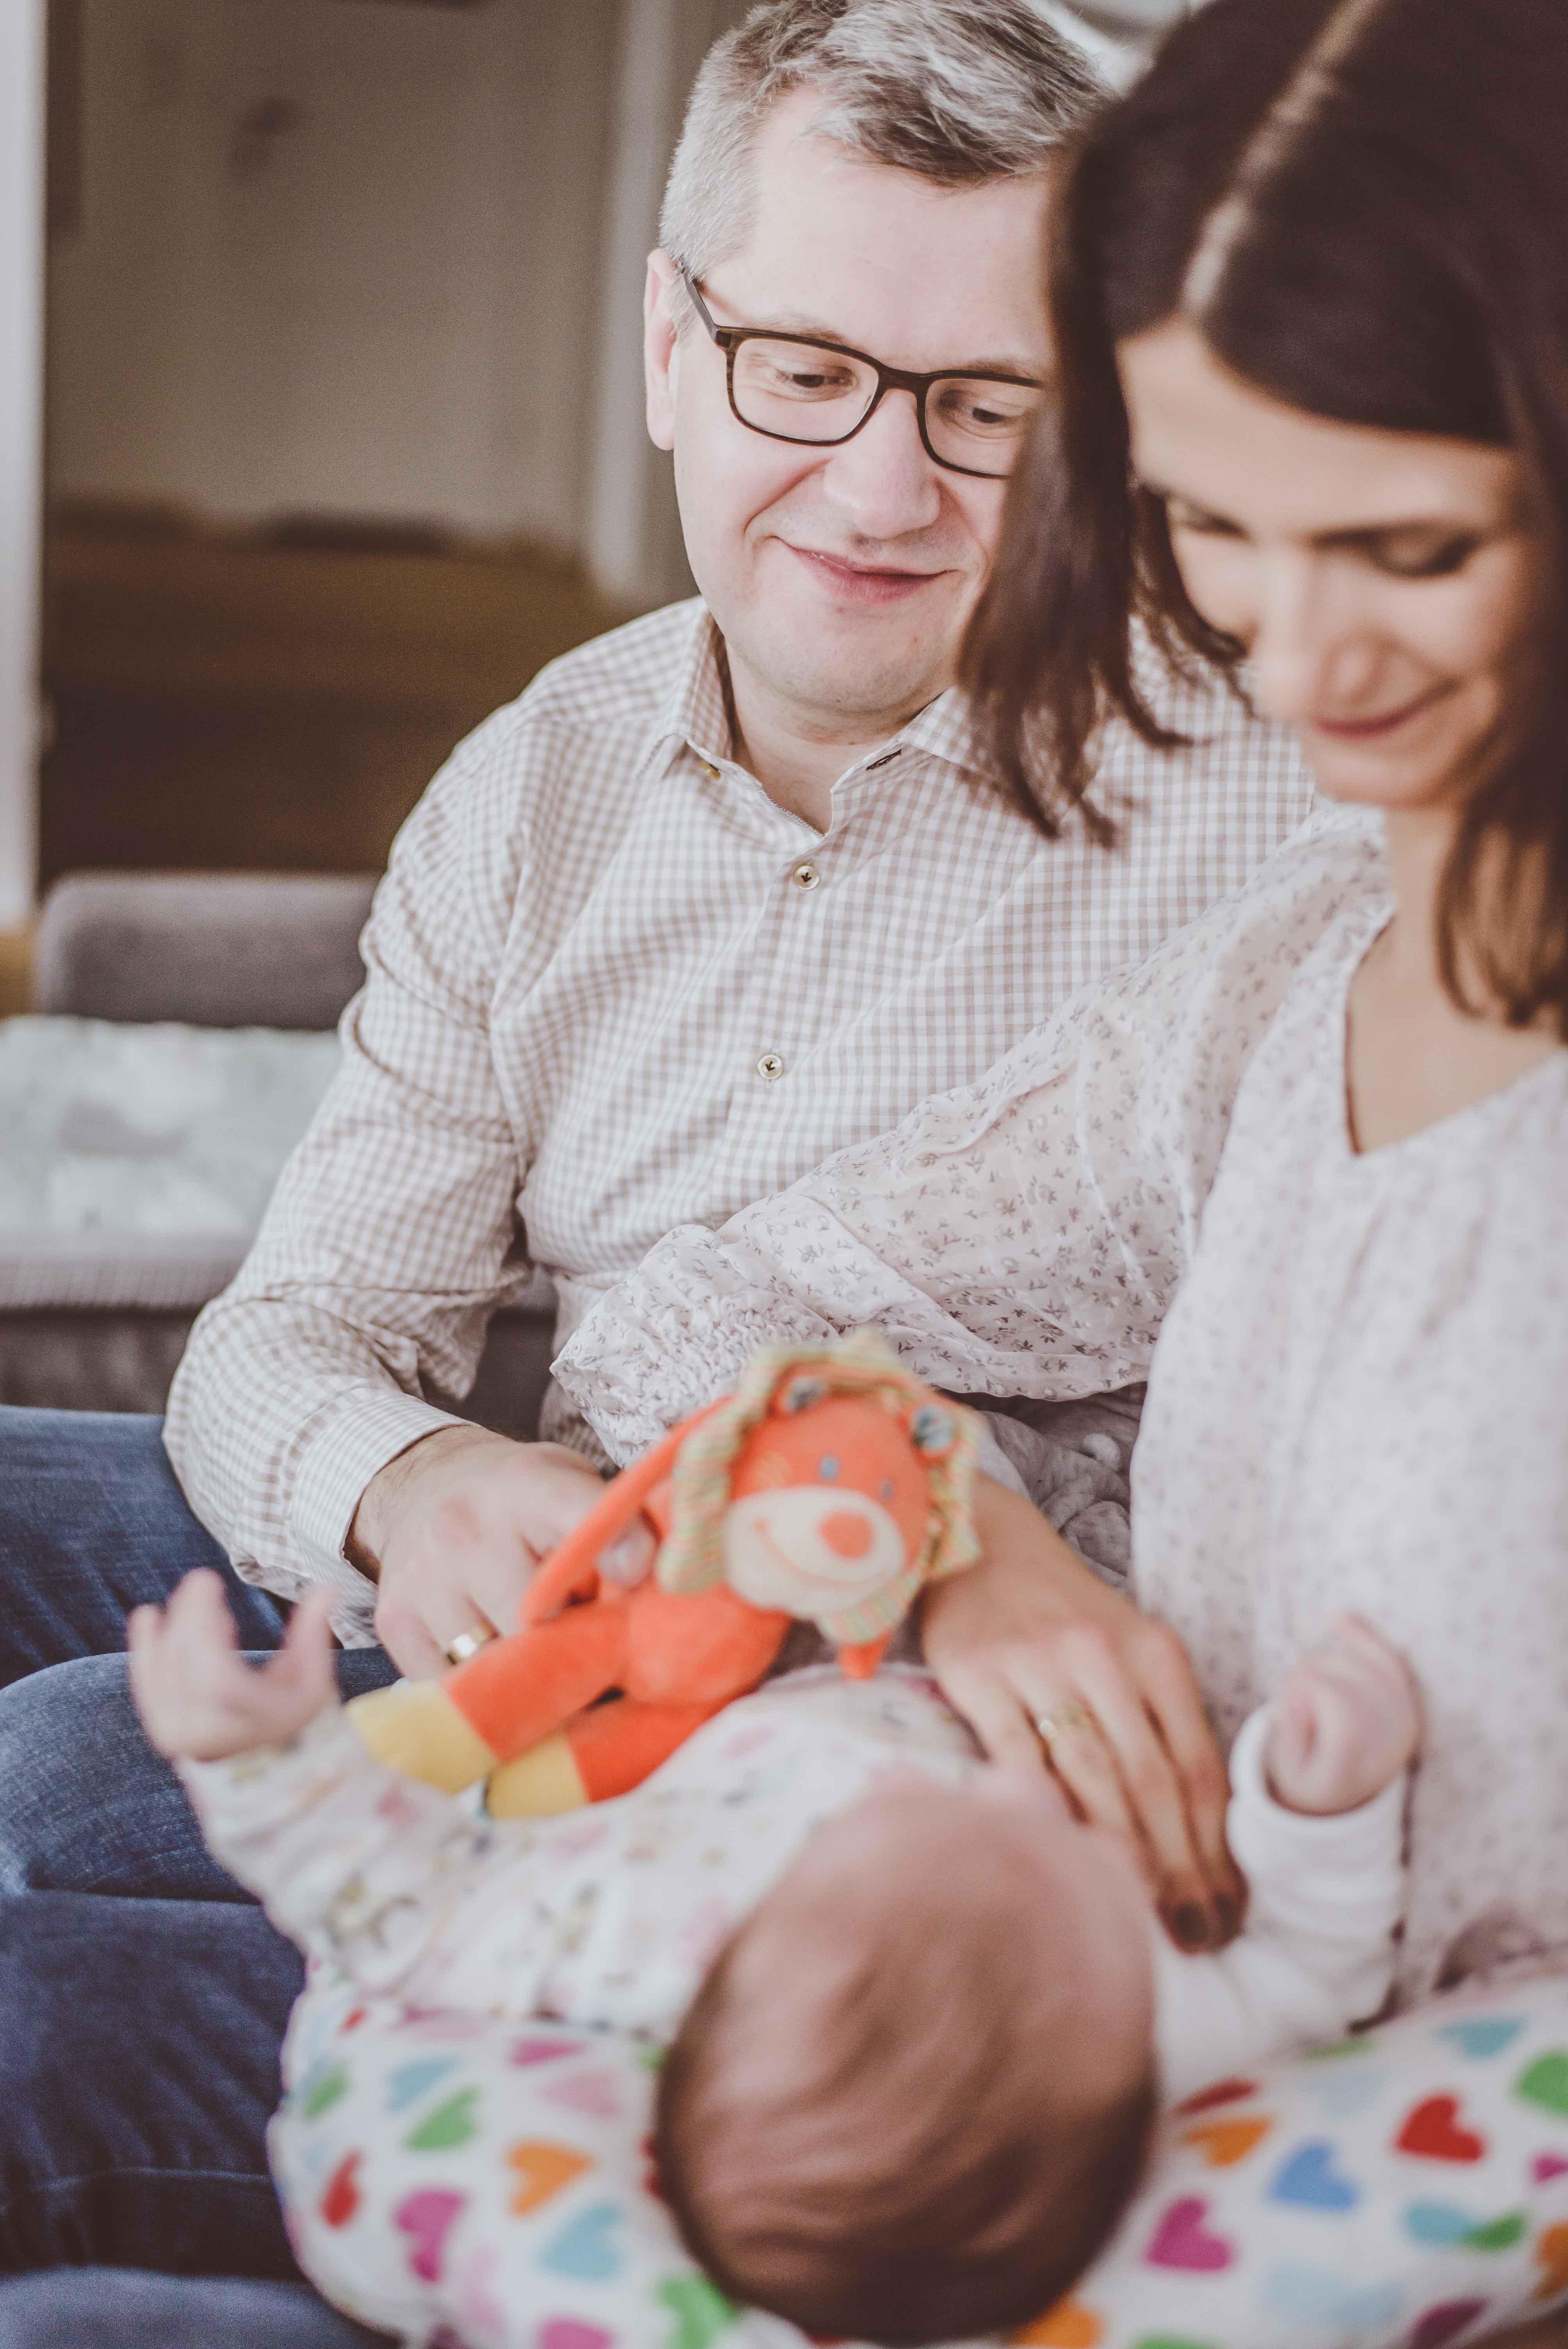 sesja-rodzinna-dzieck-newborn-wroclaw-okonasznurku (21)